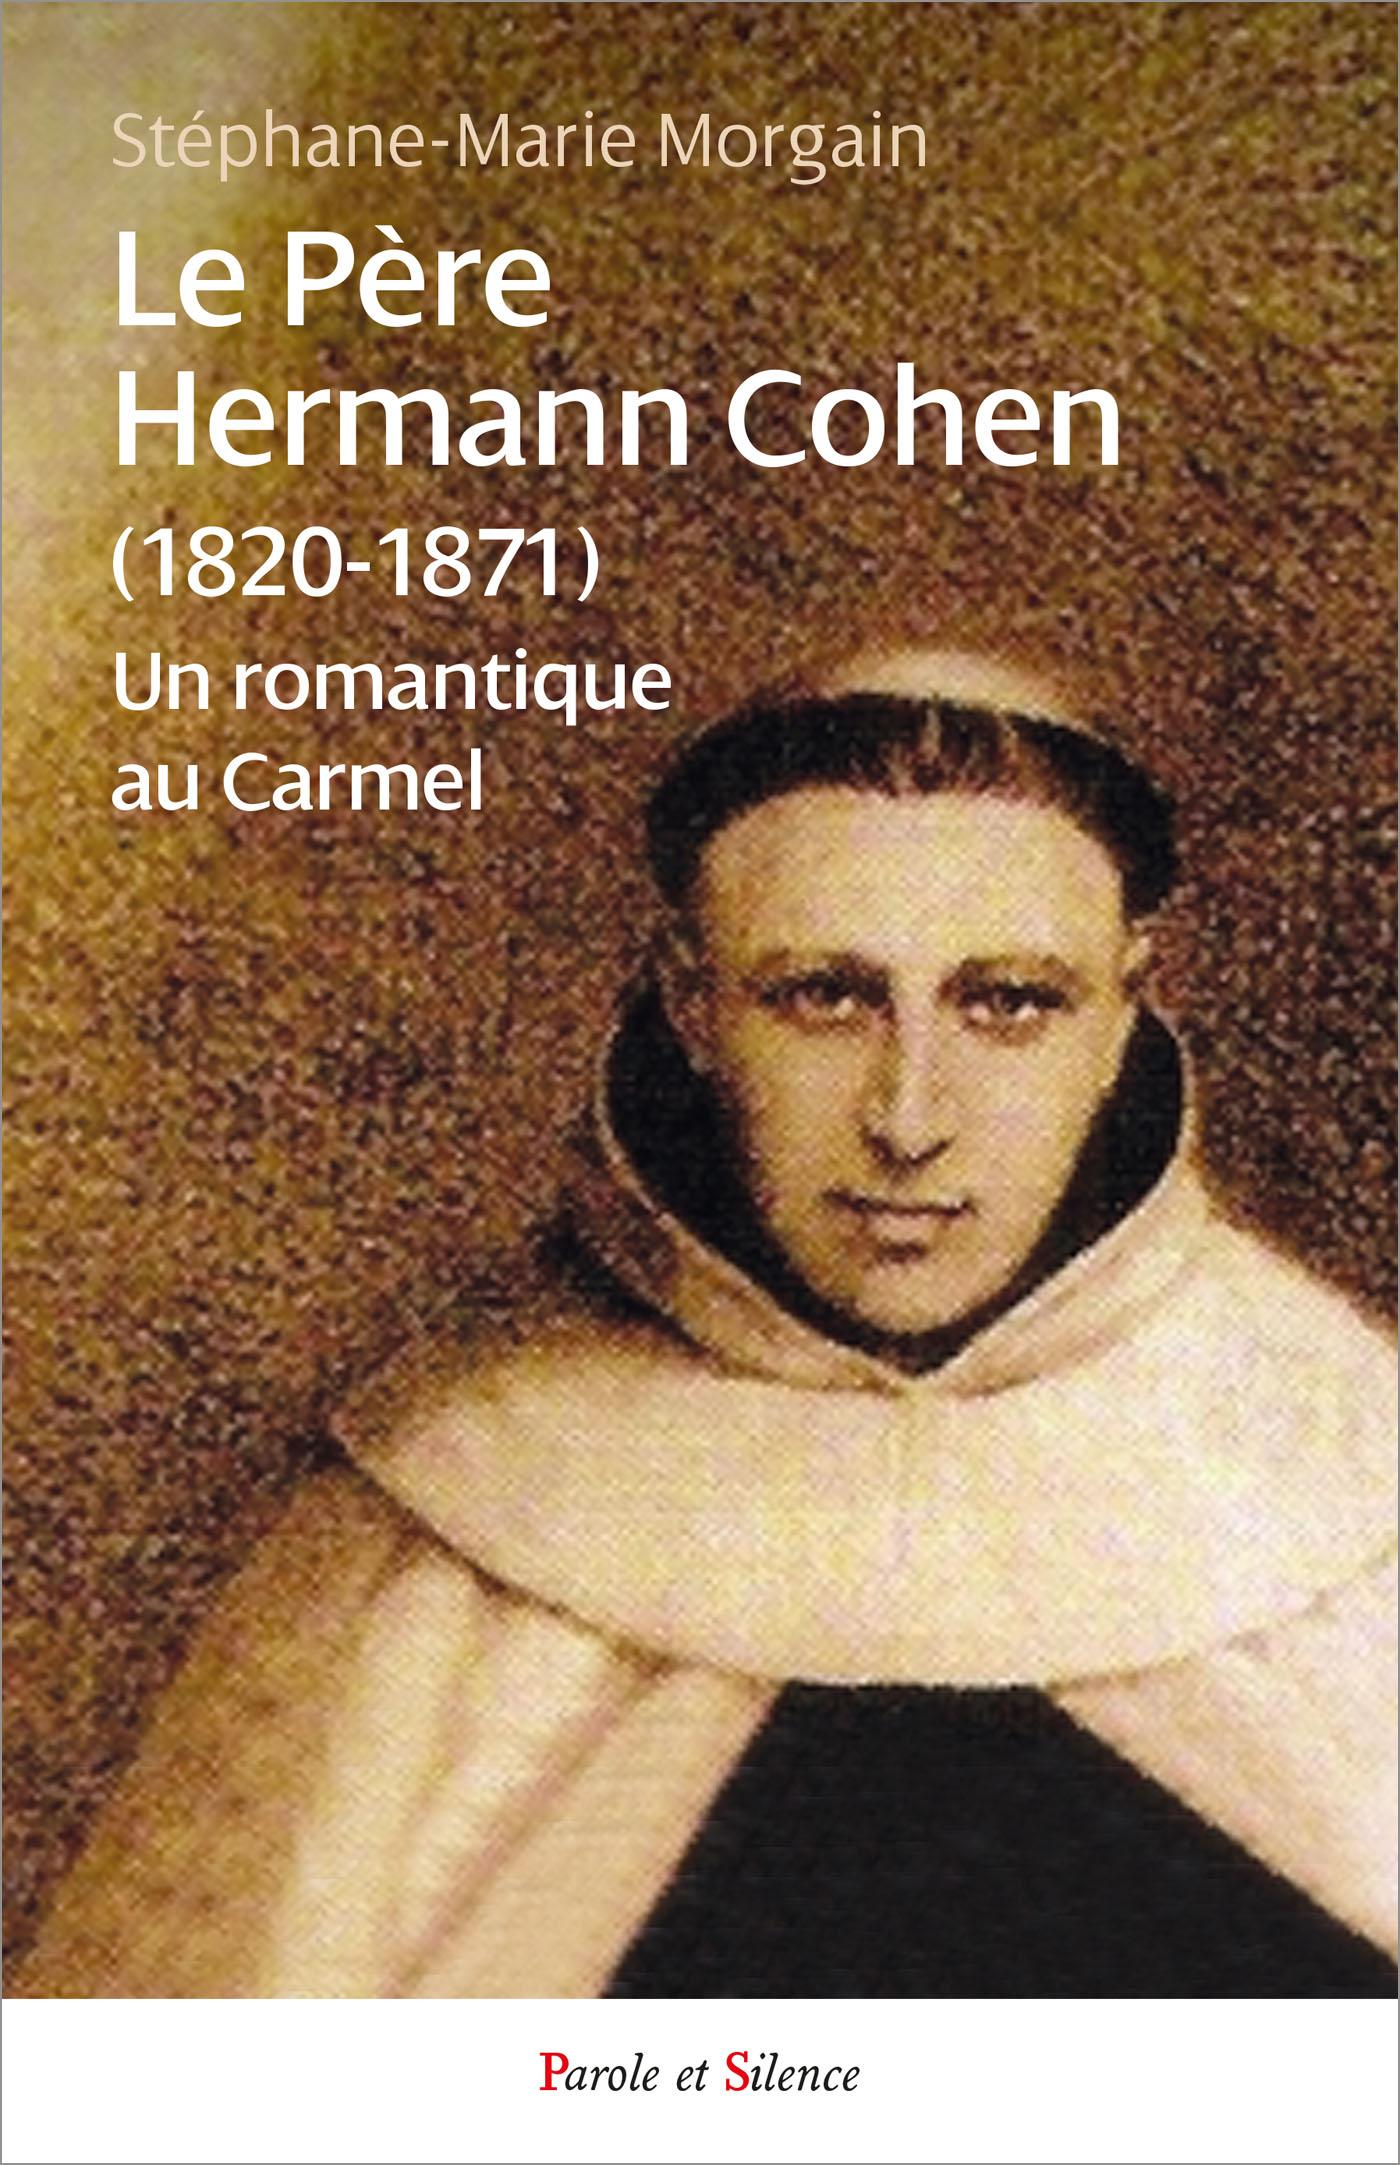 Le Père Hermann Cohen (1820-1871)